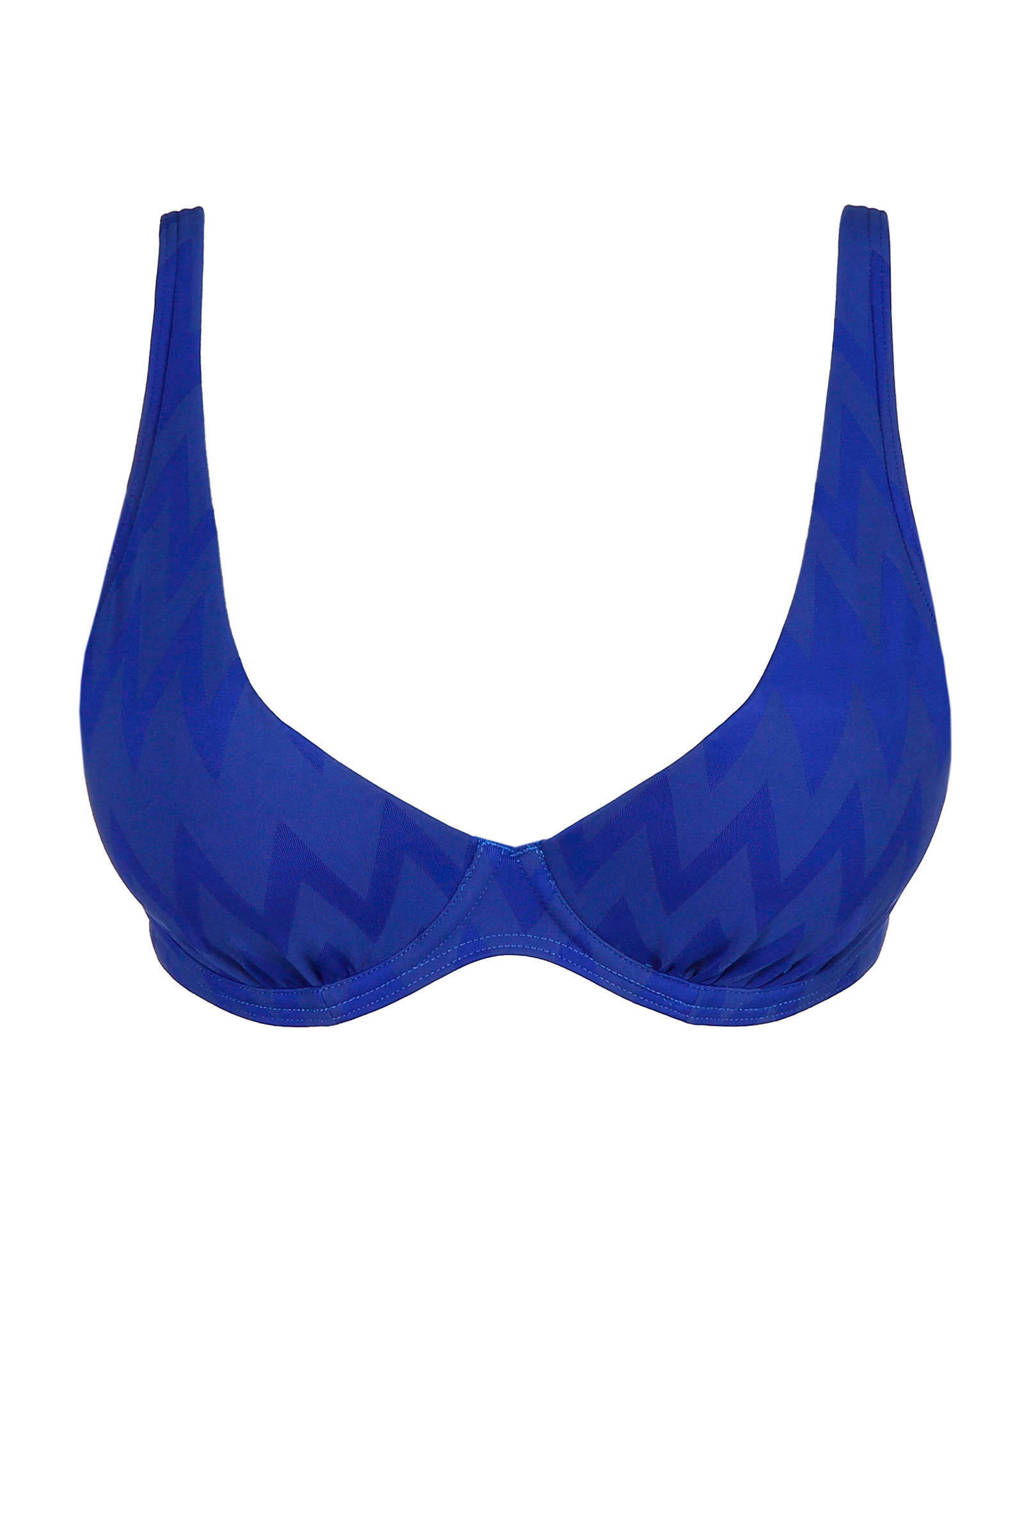 PrimaDonna beugel bikinitop Venice met structuur blauw, Blauw